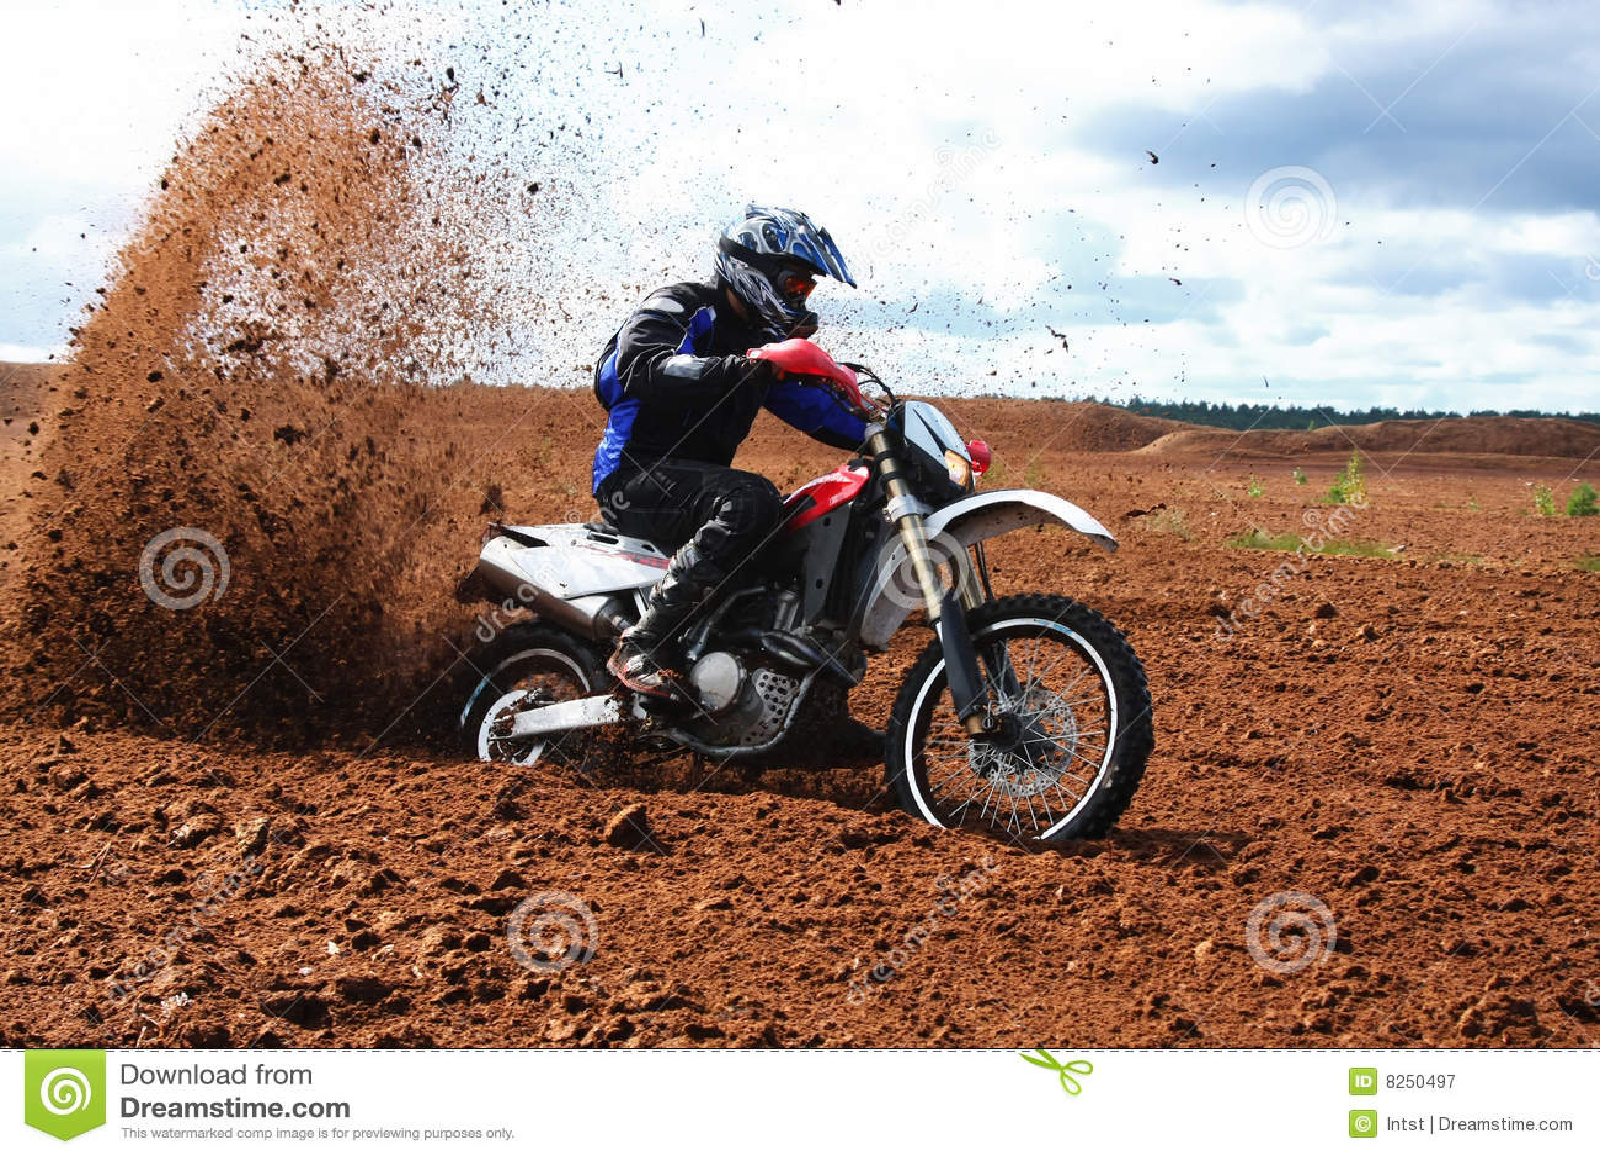 Motocicletta fuori strada che guida in sporcizia.